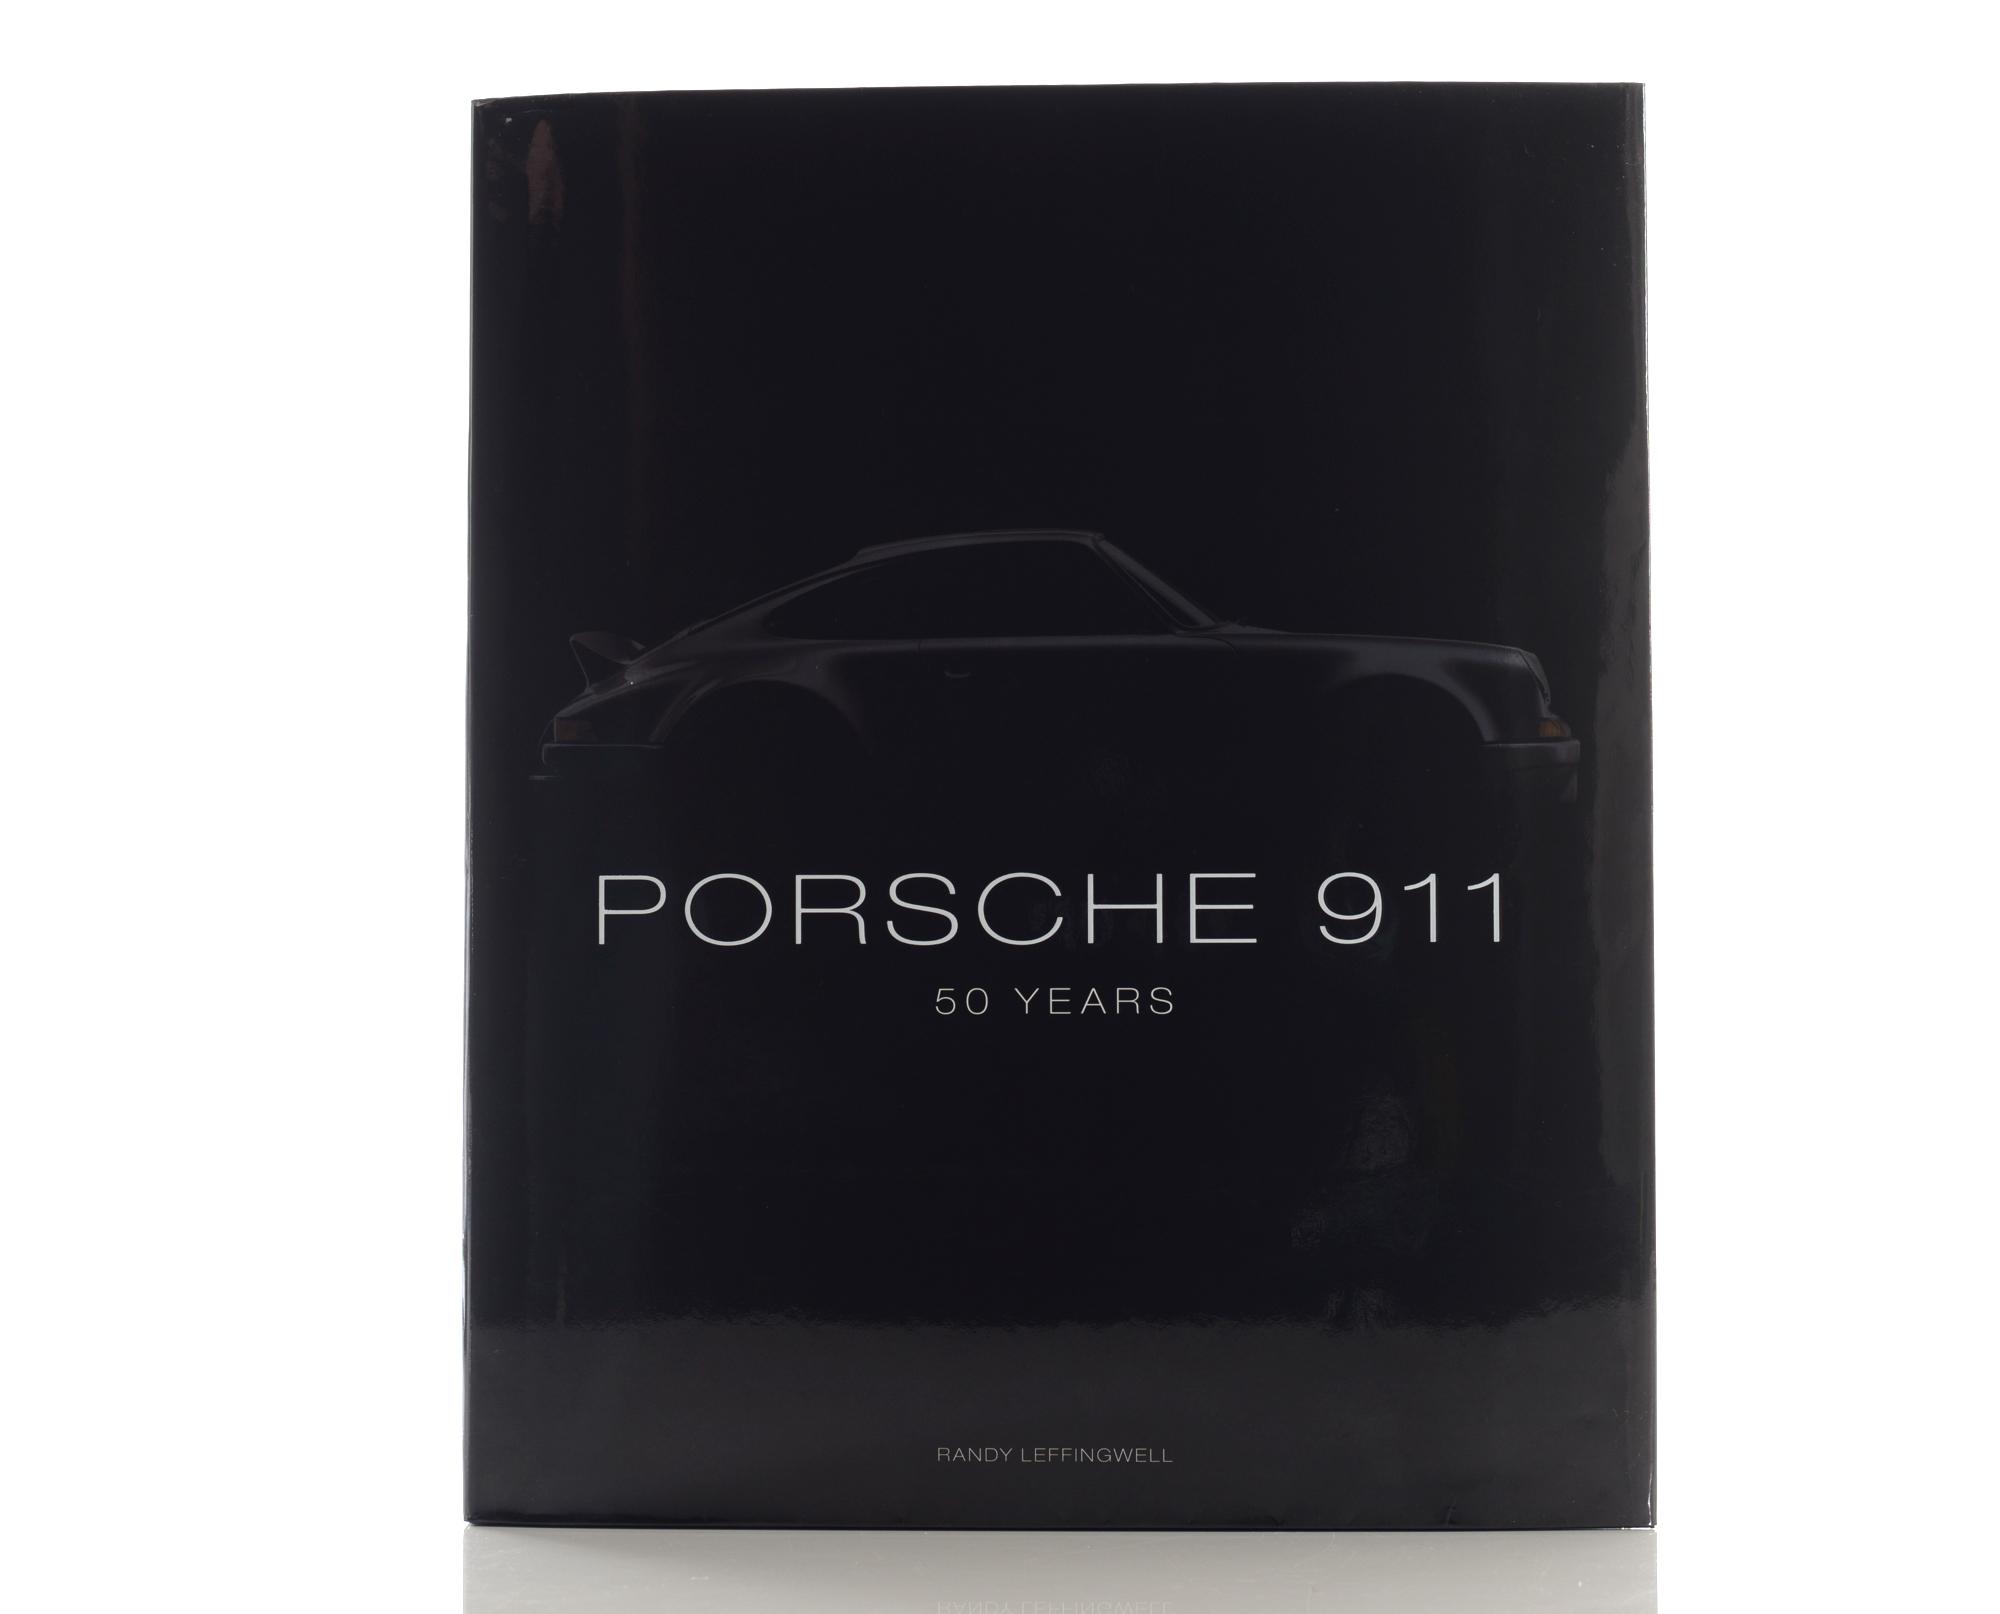 Porsche 911 50 Years book